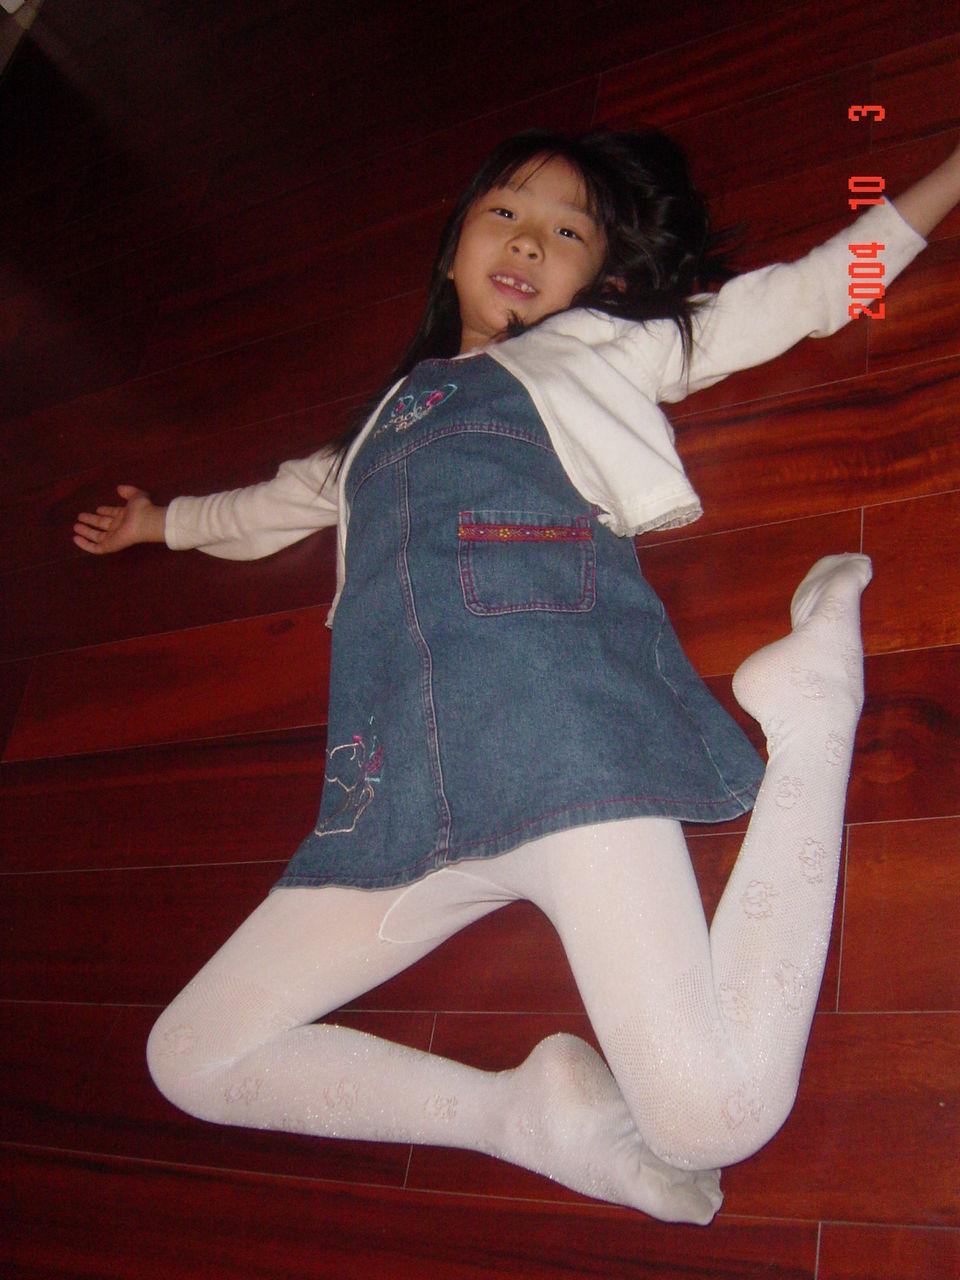 小女孩白袜内内照片_小女孩白袜12岁子____看猎奇